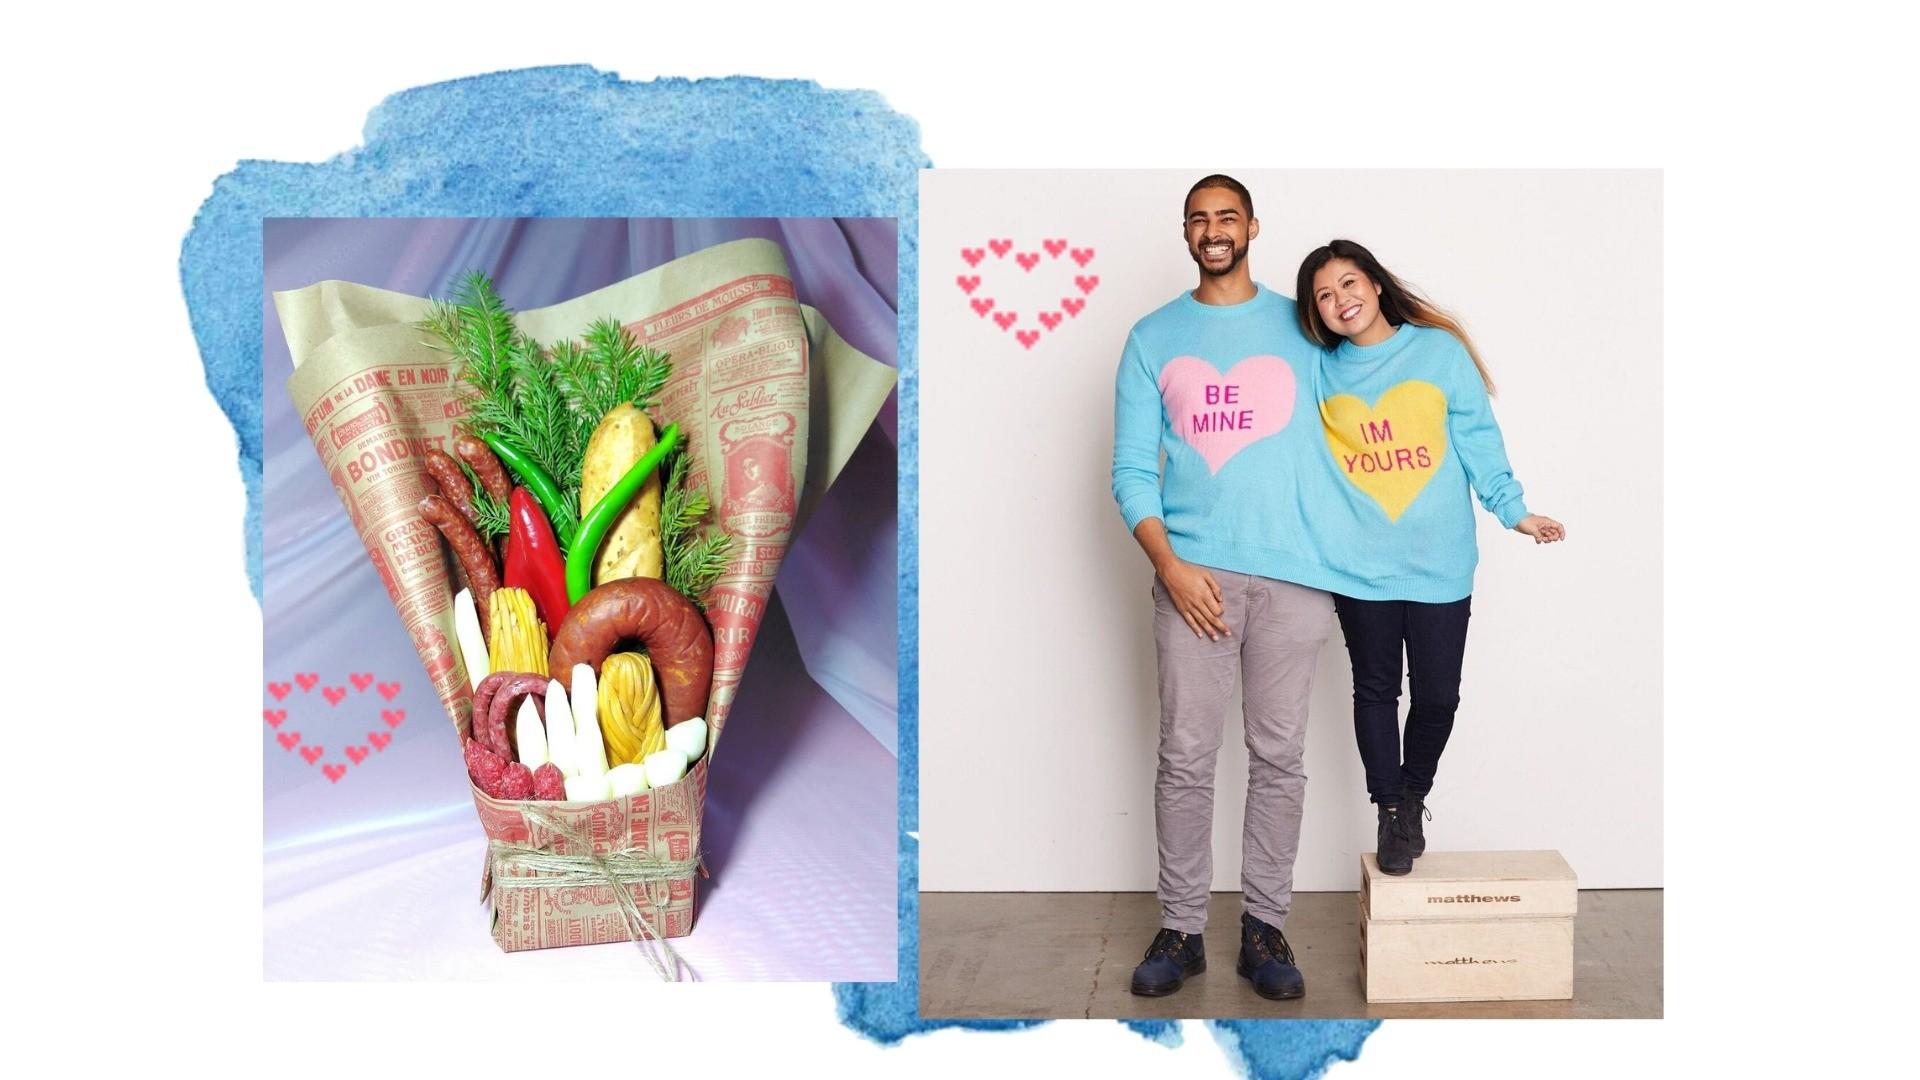 10 странных и необычных подарков к Дню святого Валентина